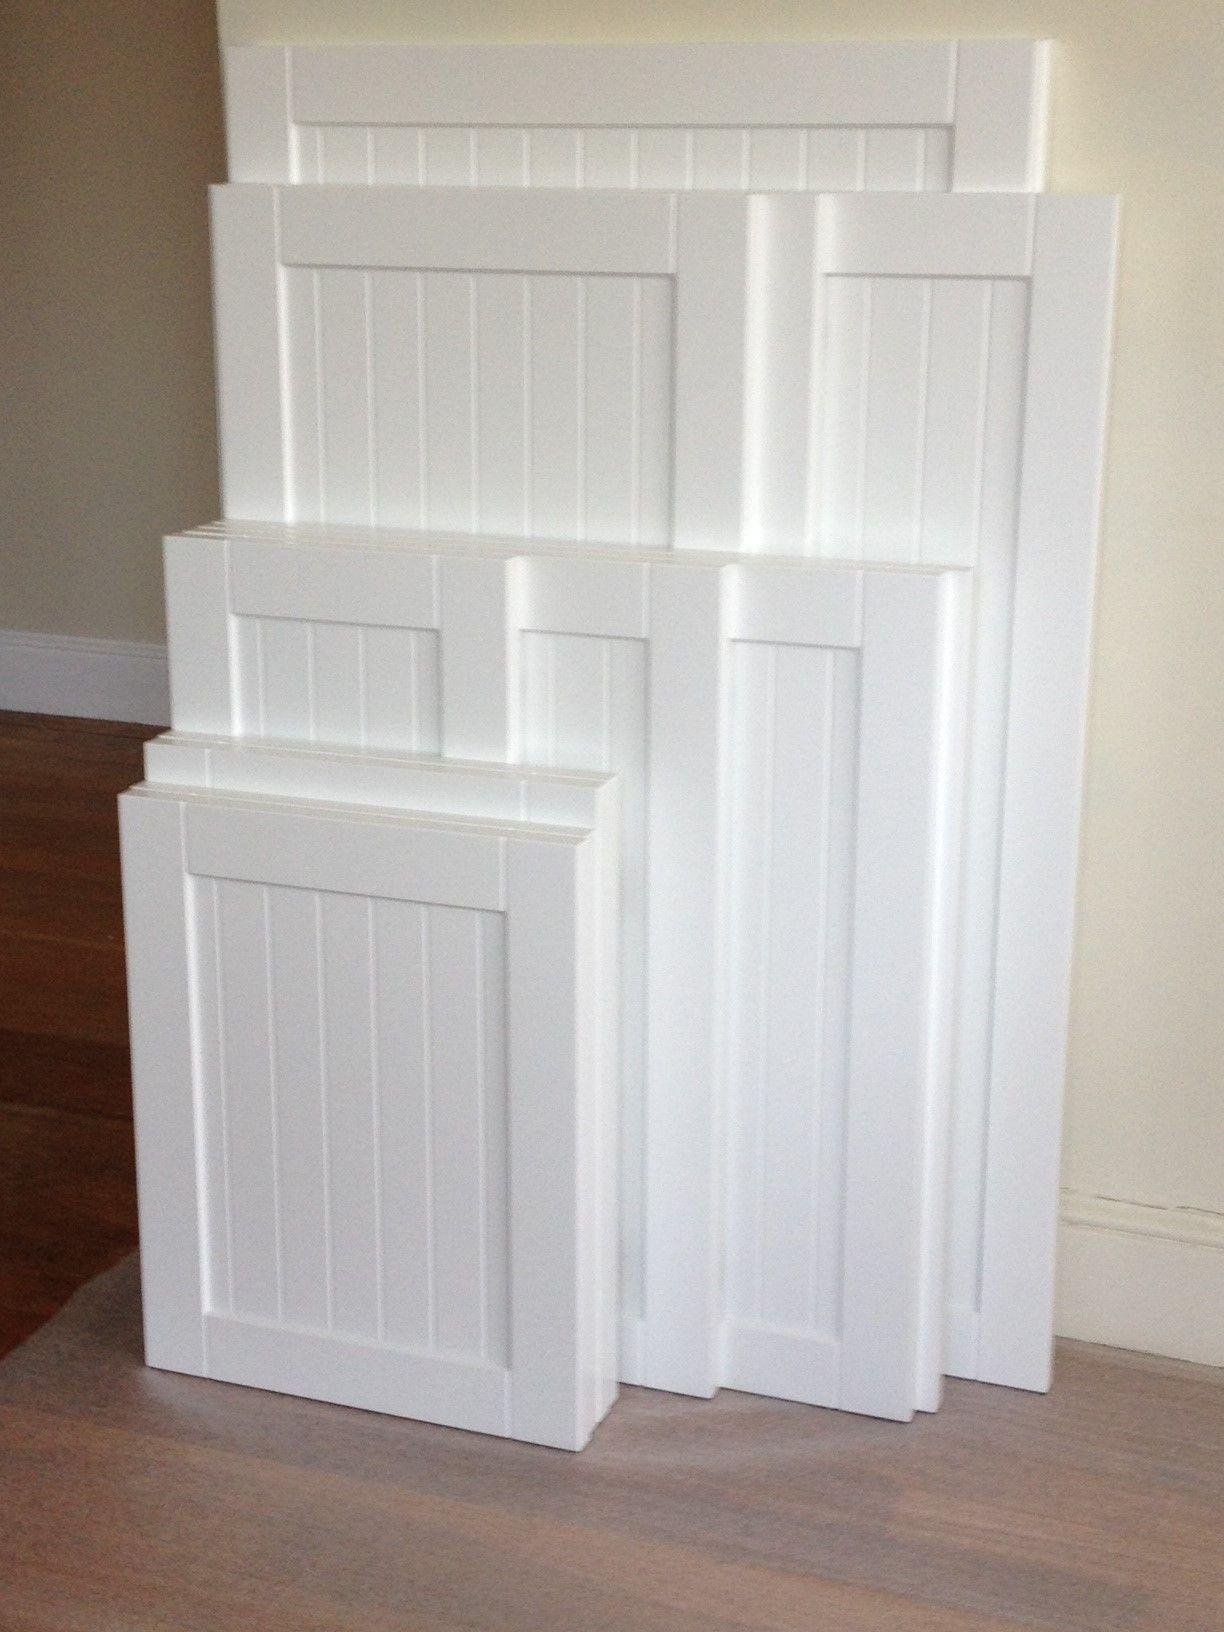 kitchen cabinet door styles Kitchen Cabinet Refacing The Process Kitchen Cabinet Door StylesShaker